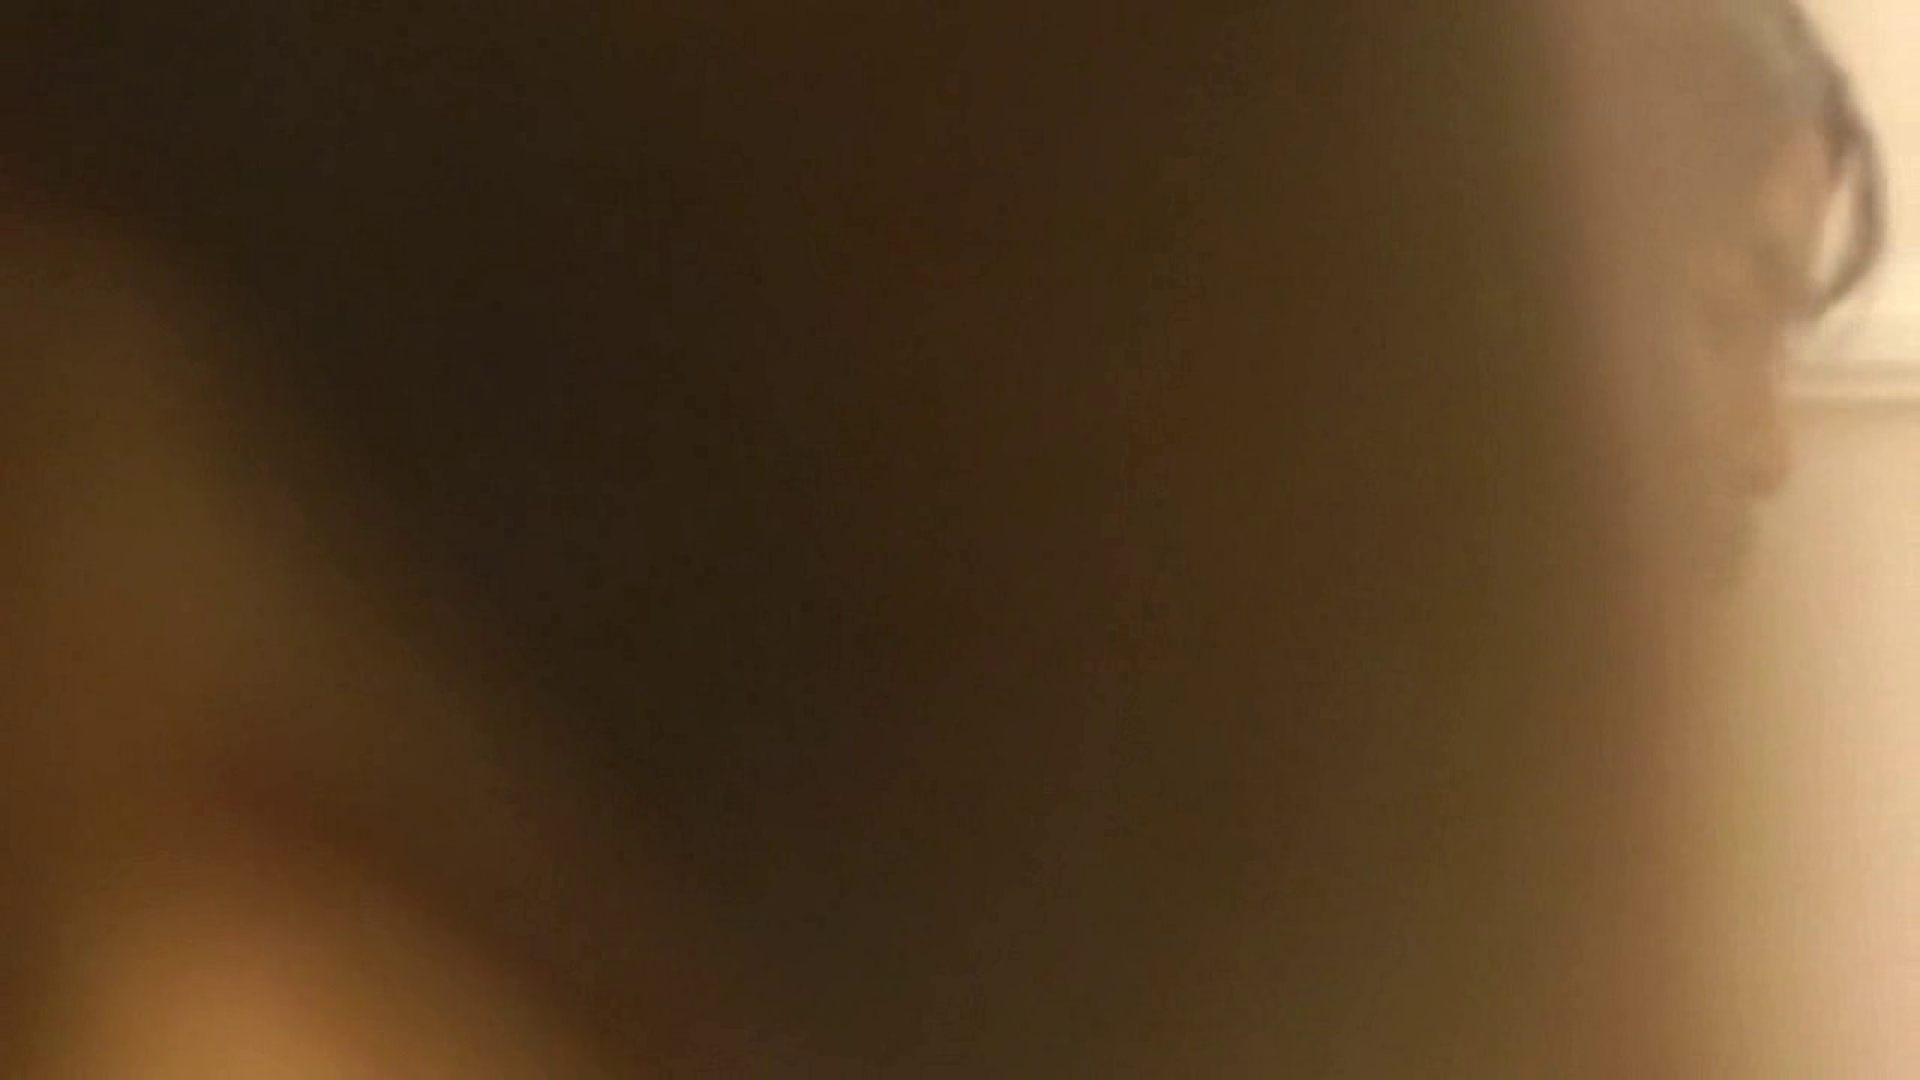 vol.1 Mayumi 窓越しに入浴シーン撮影に成功 OL   入浴シーン  89連発 24